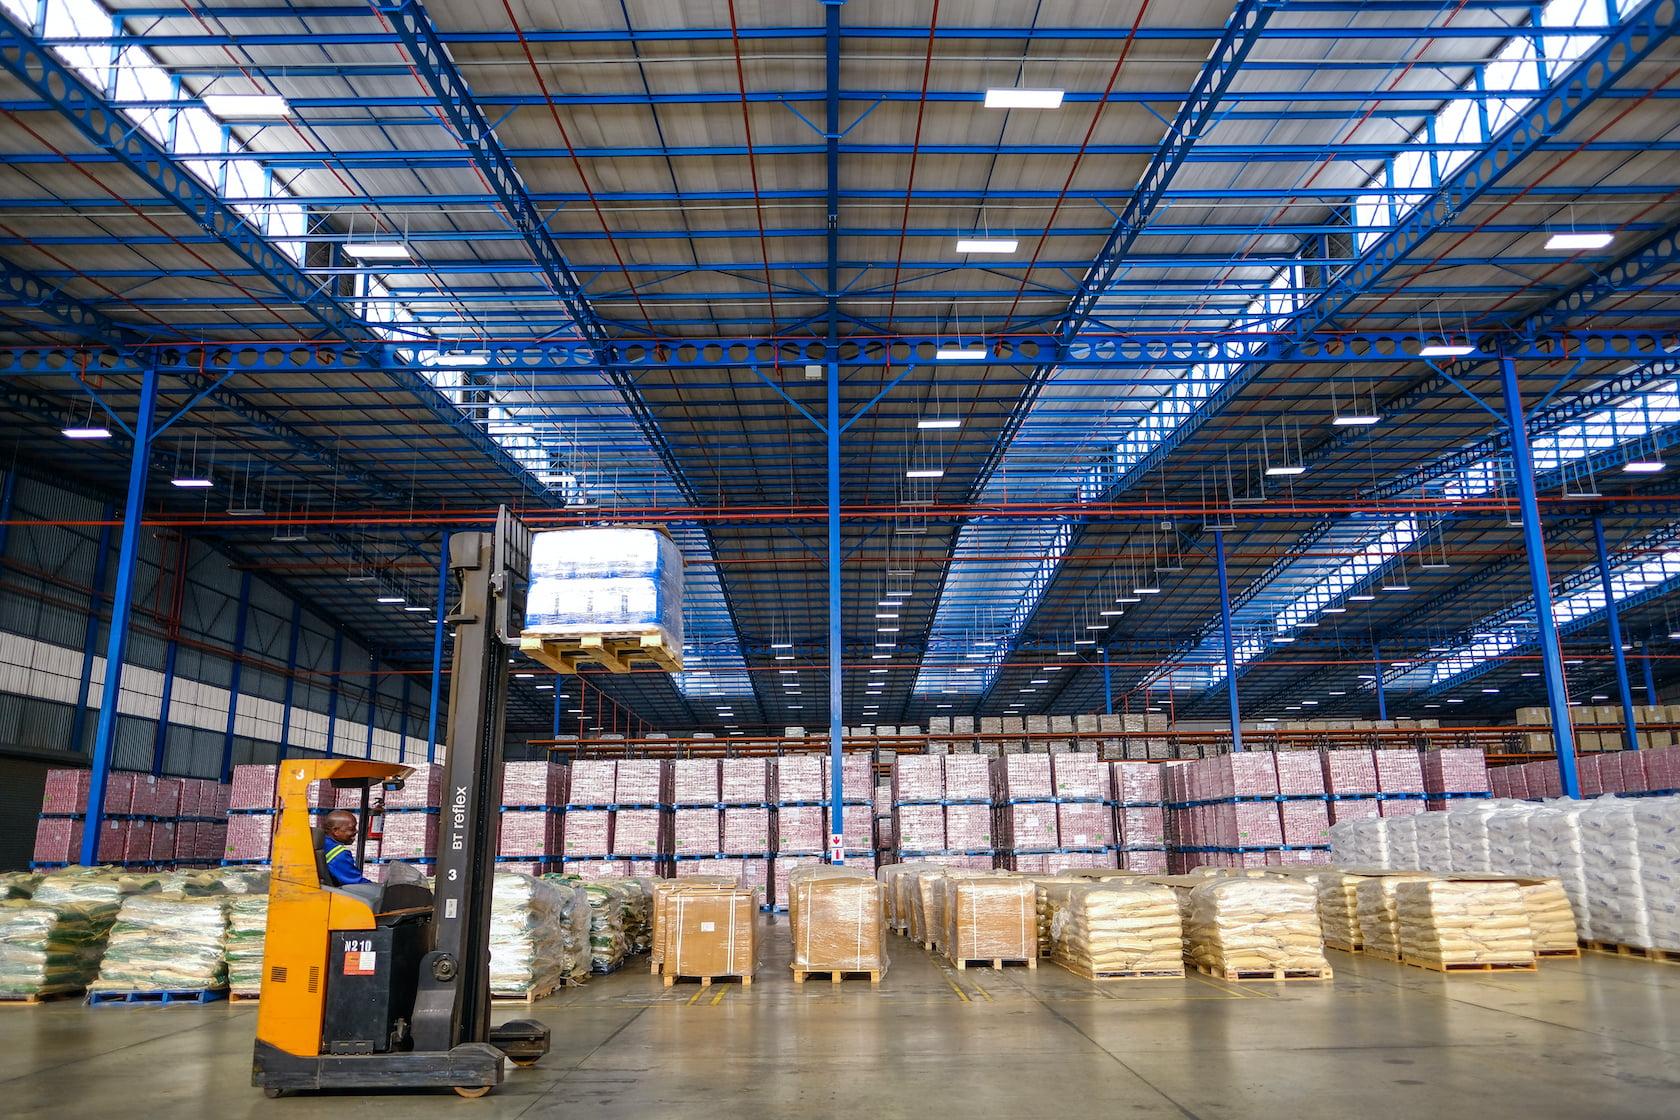 El COVID-19 en la cadena de suministro internacional